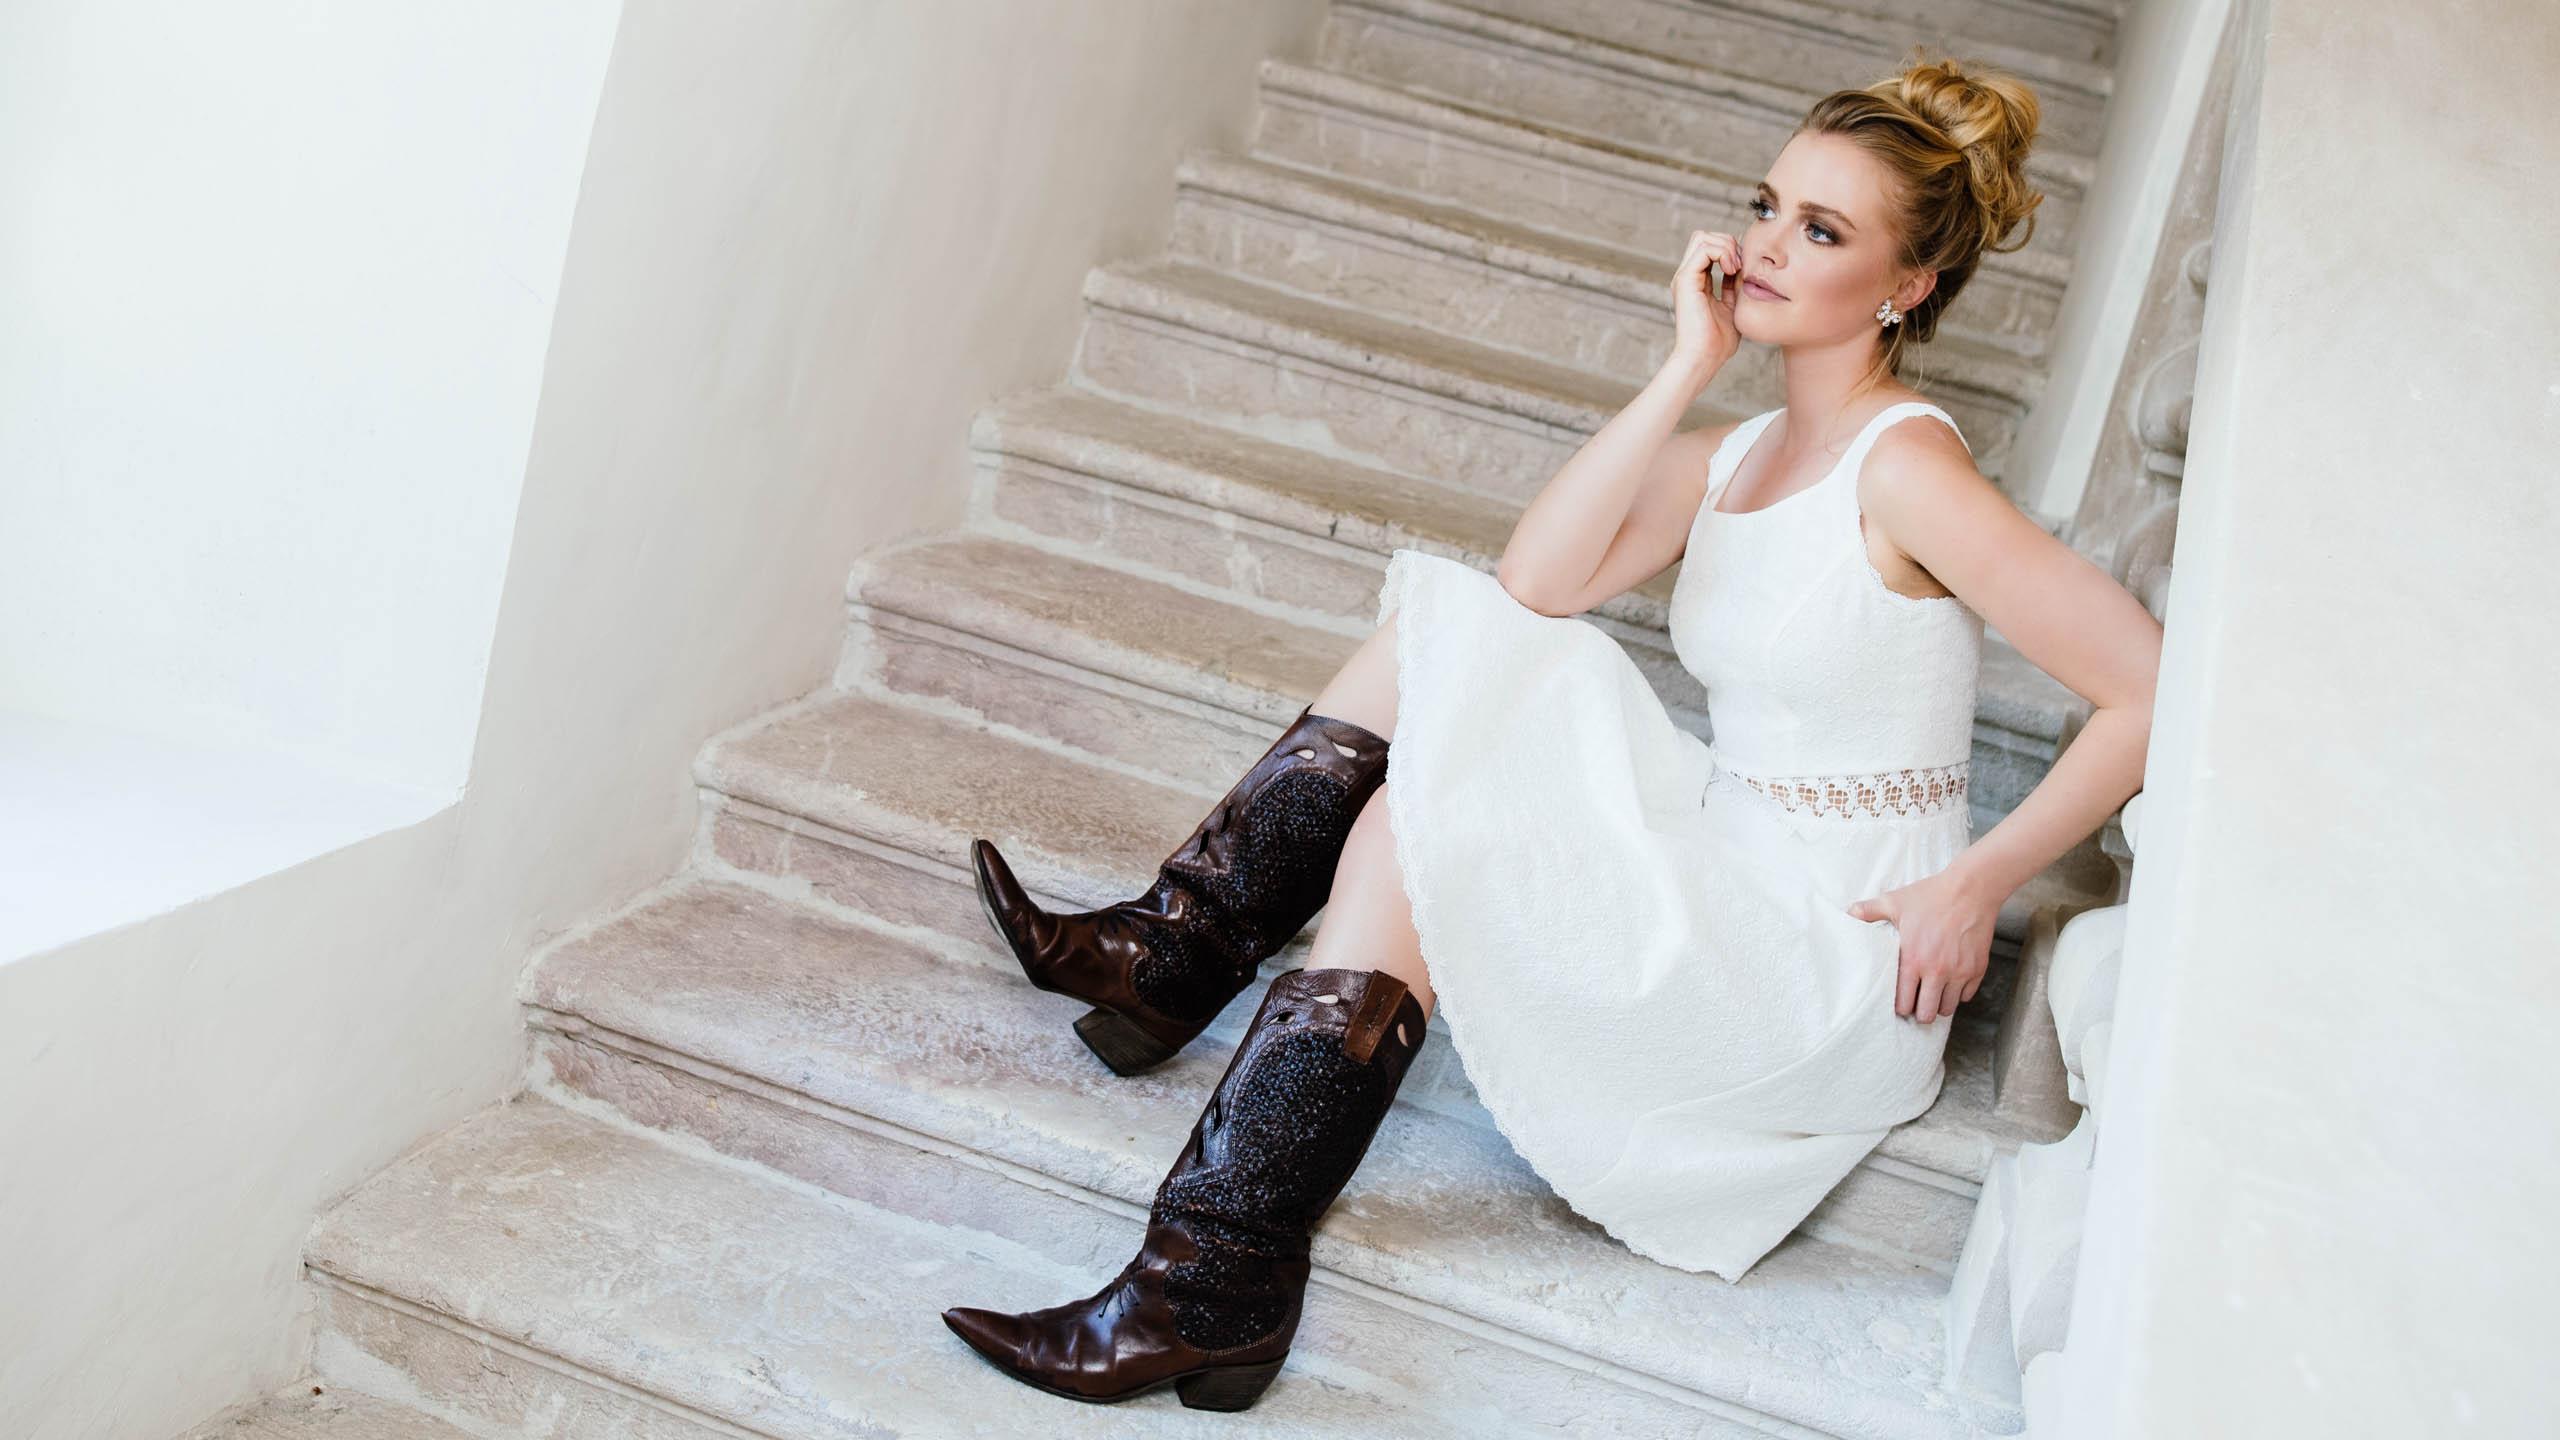 Kurzes Brautkleid mit Cowboystiefeln kombiniert, Braut sitzt auf der Treppe